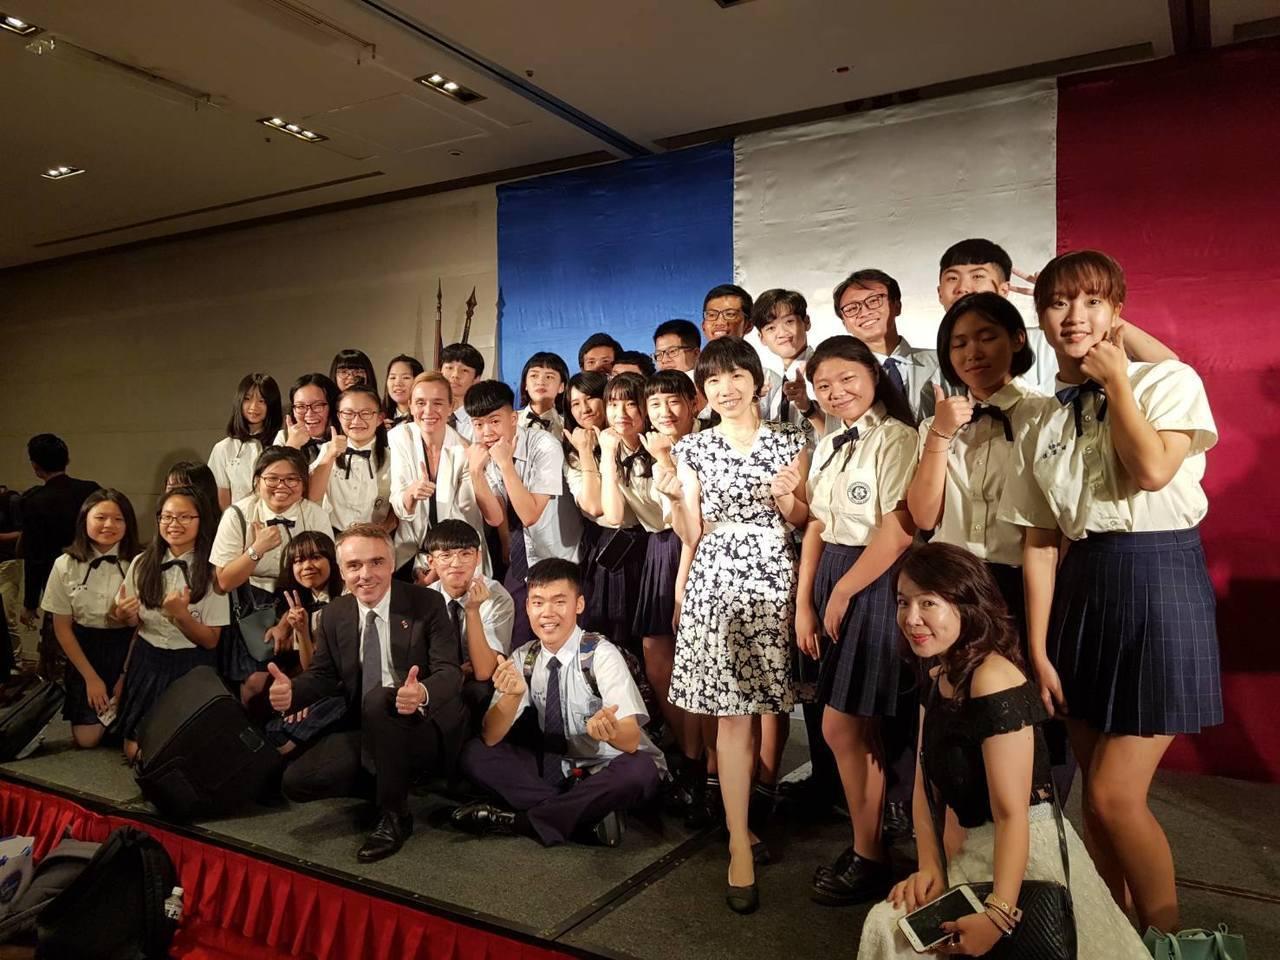 桃園大園國際高中的第二外語課,共有日文、德文、法文、西班牙文四種語言。法語教師雍...